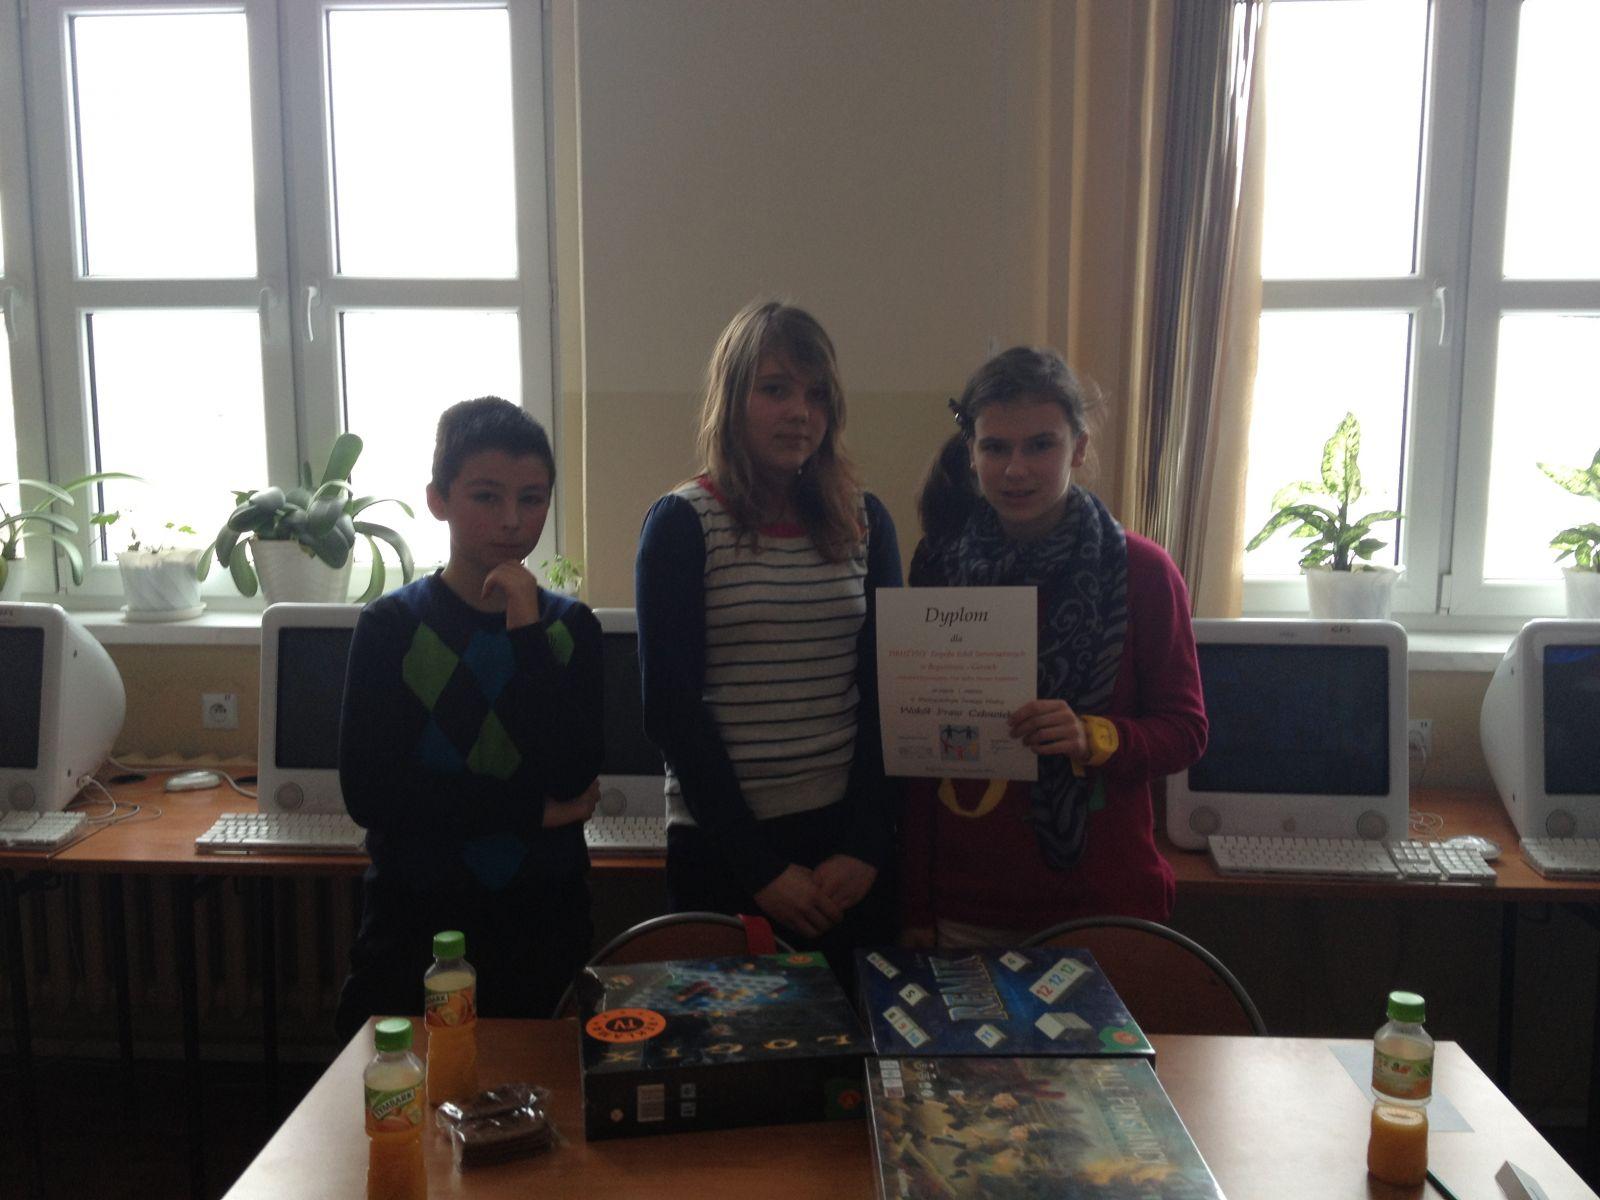 Międzyszkolny Turniej Wiedzy - rozstrzygnięty!